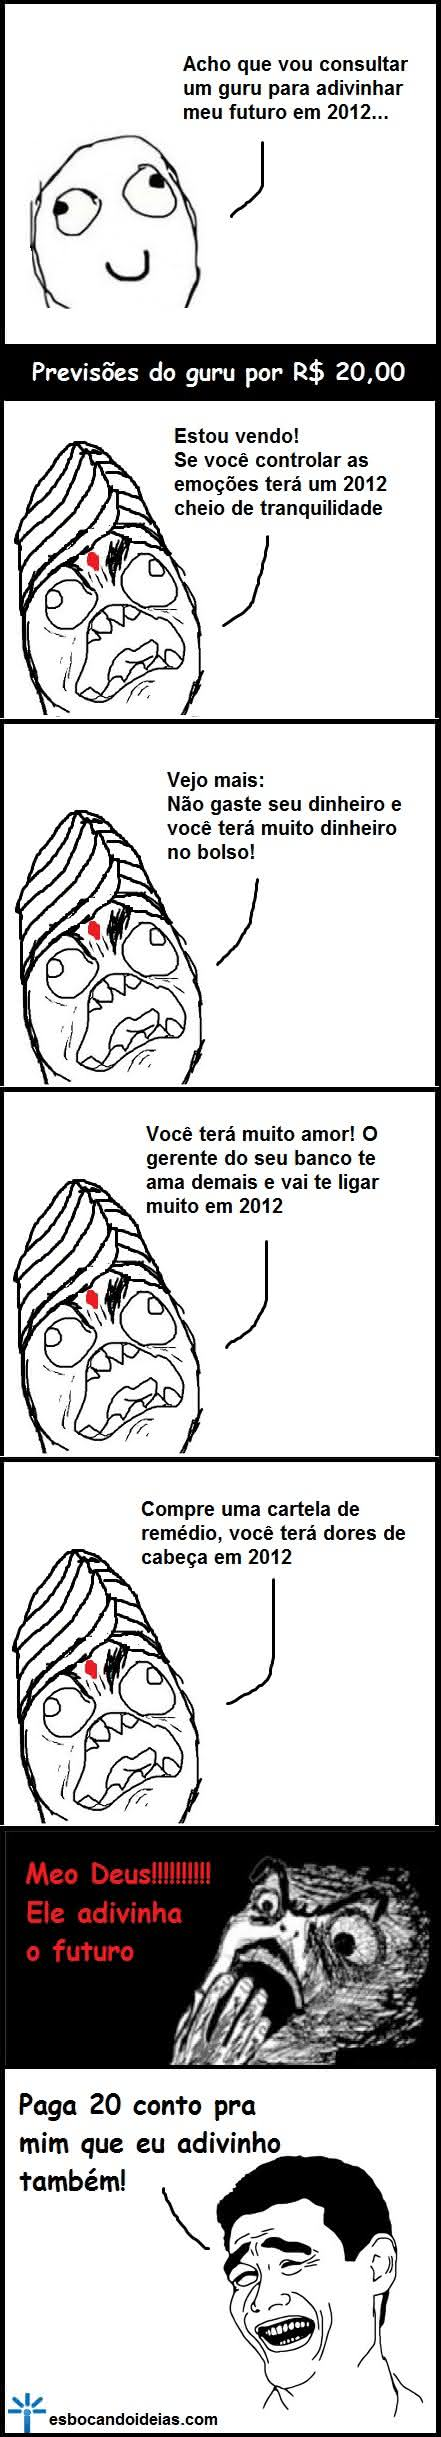 tirinha, humor, deus é humor, previsões 2012